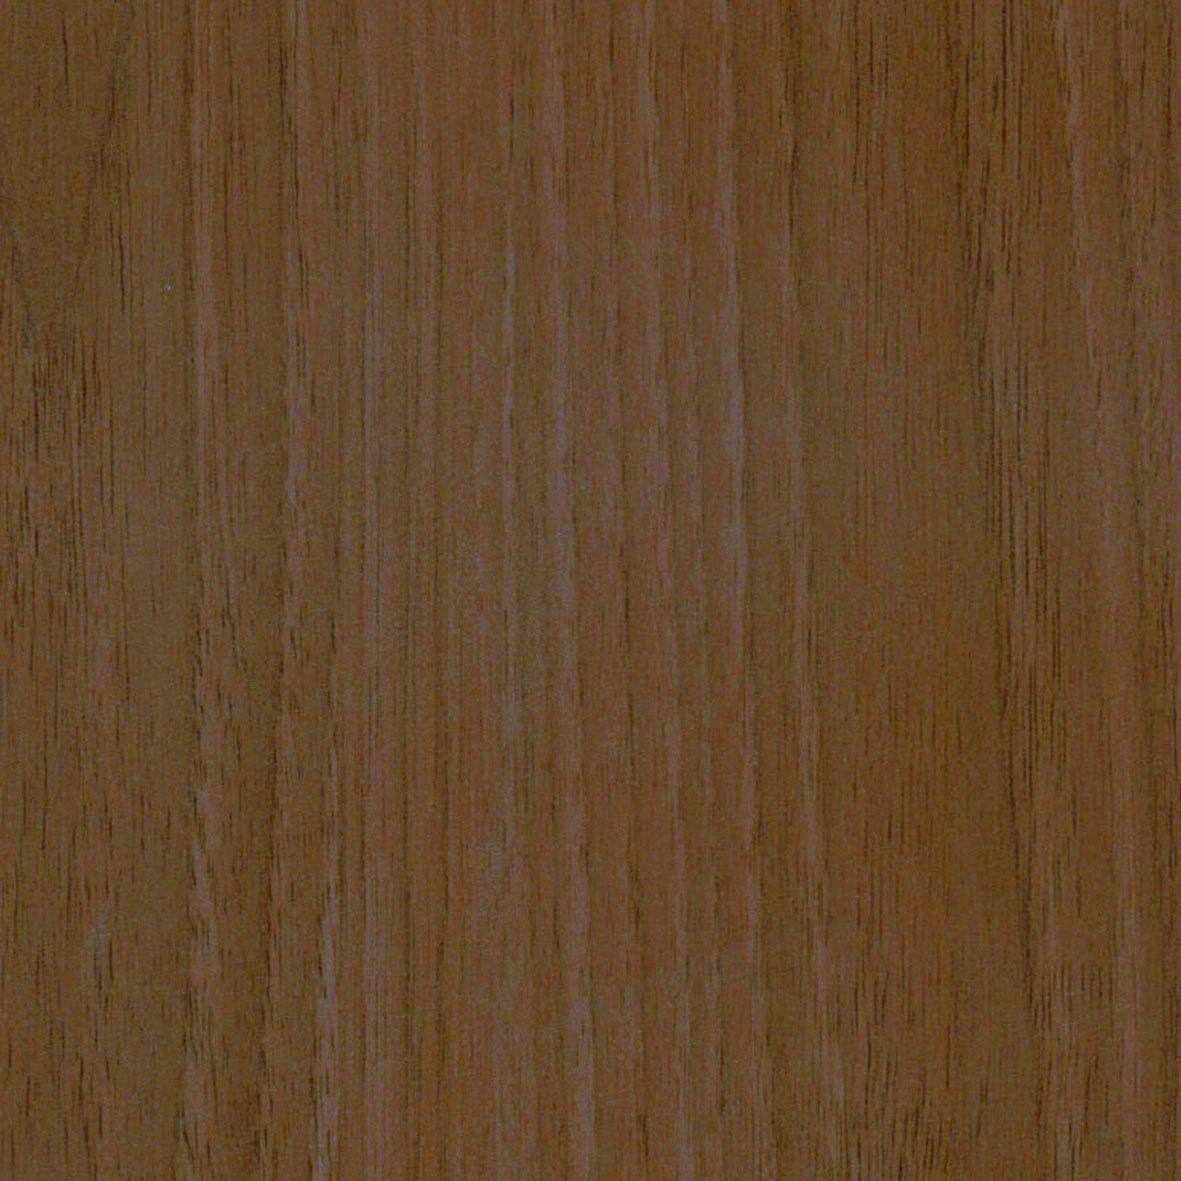 正規品 壁紙41m リリカラ ナチュラル 41m ブラウン B01n3t3858 Ll 50 ブラウン 木目調 壁紙 Koronavirus Frankbold Org